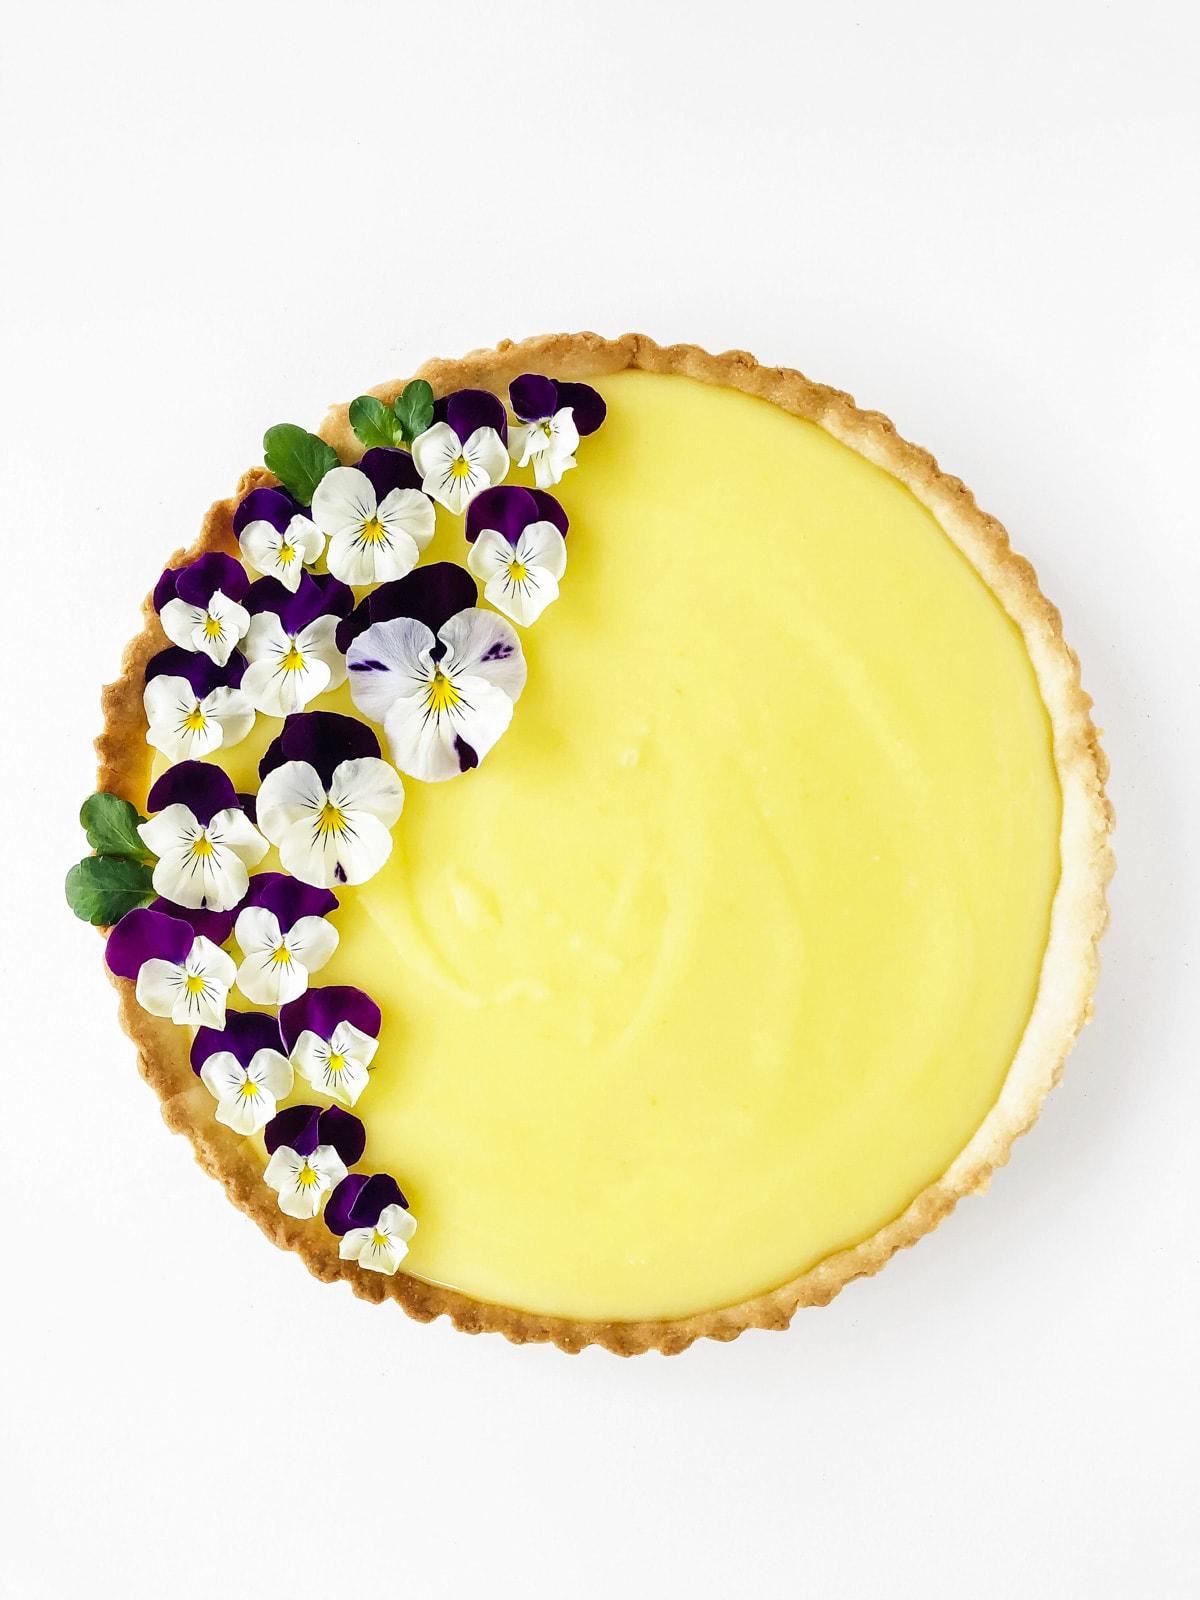 Lemon Tart garnished with Pansies